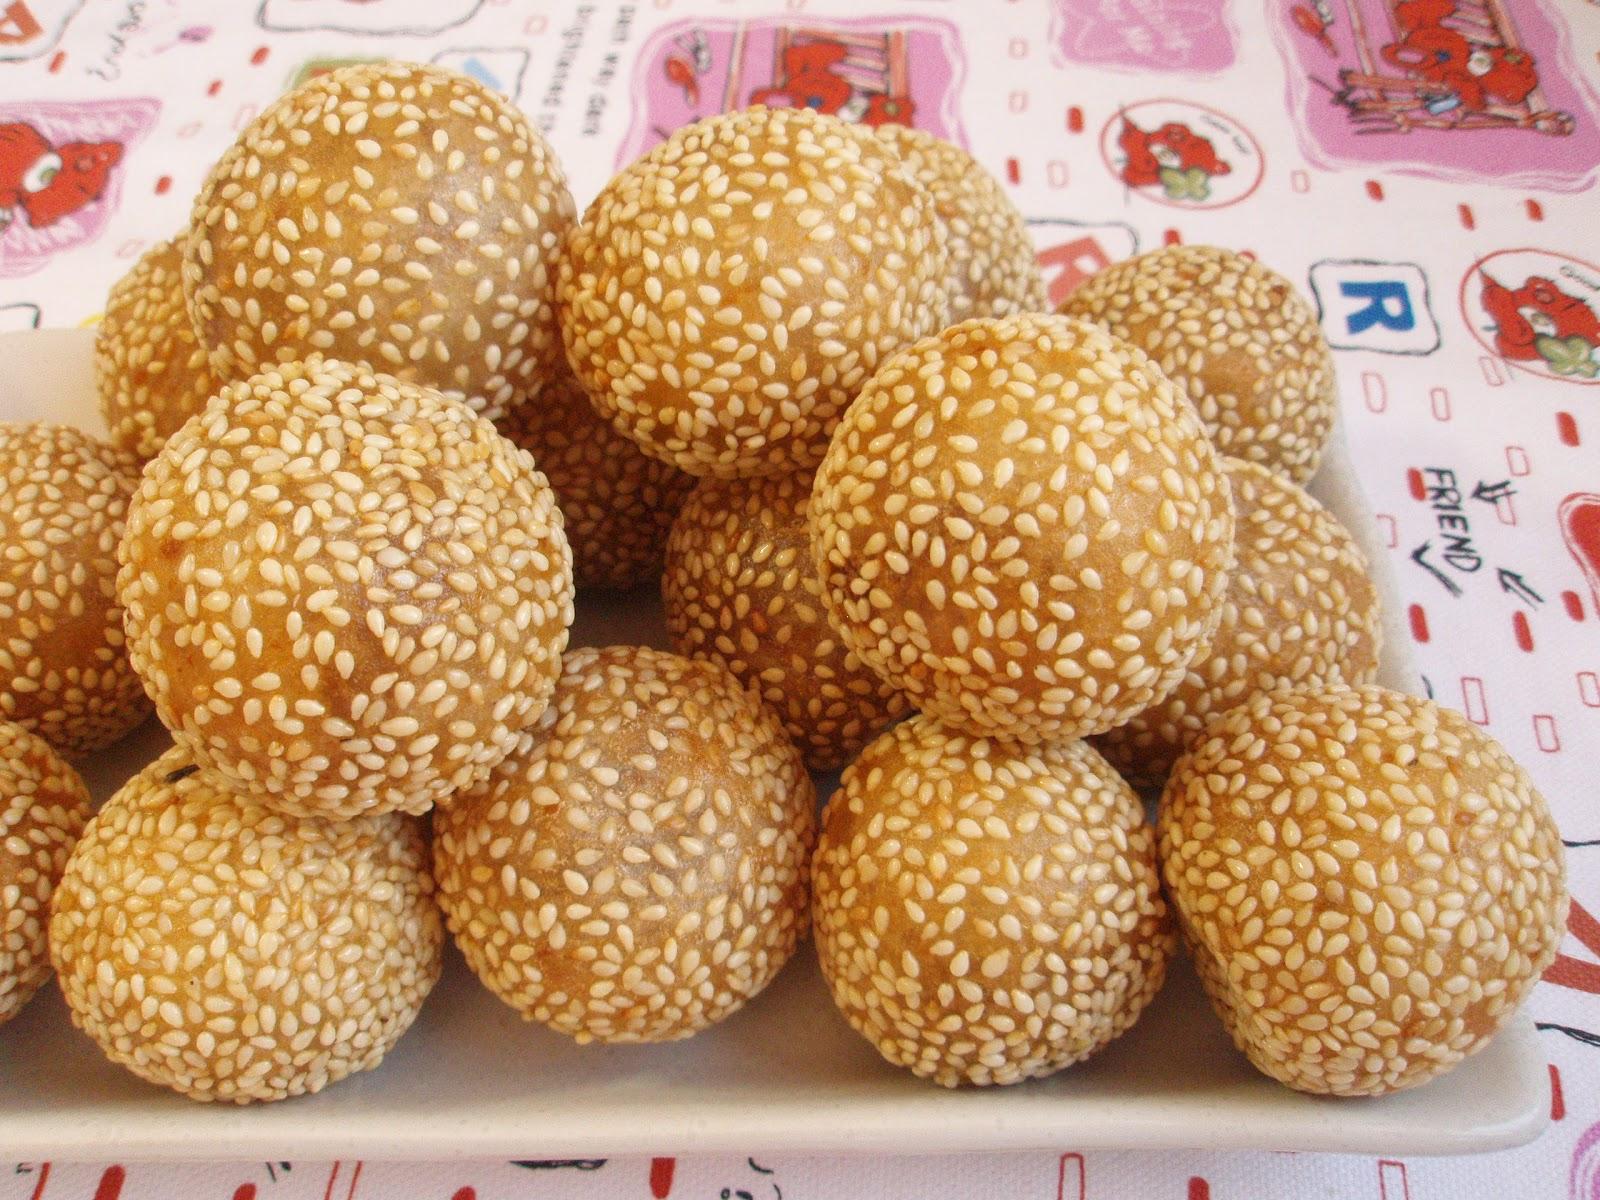 Open Sesame for Jian Dui!